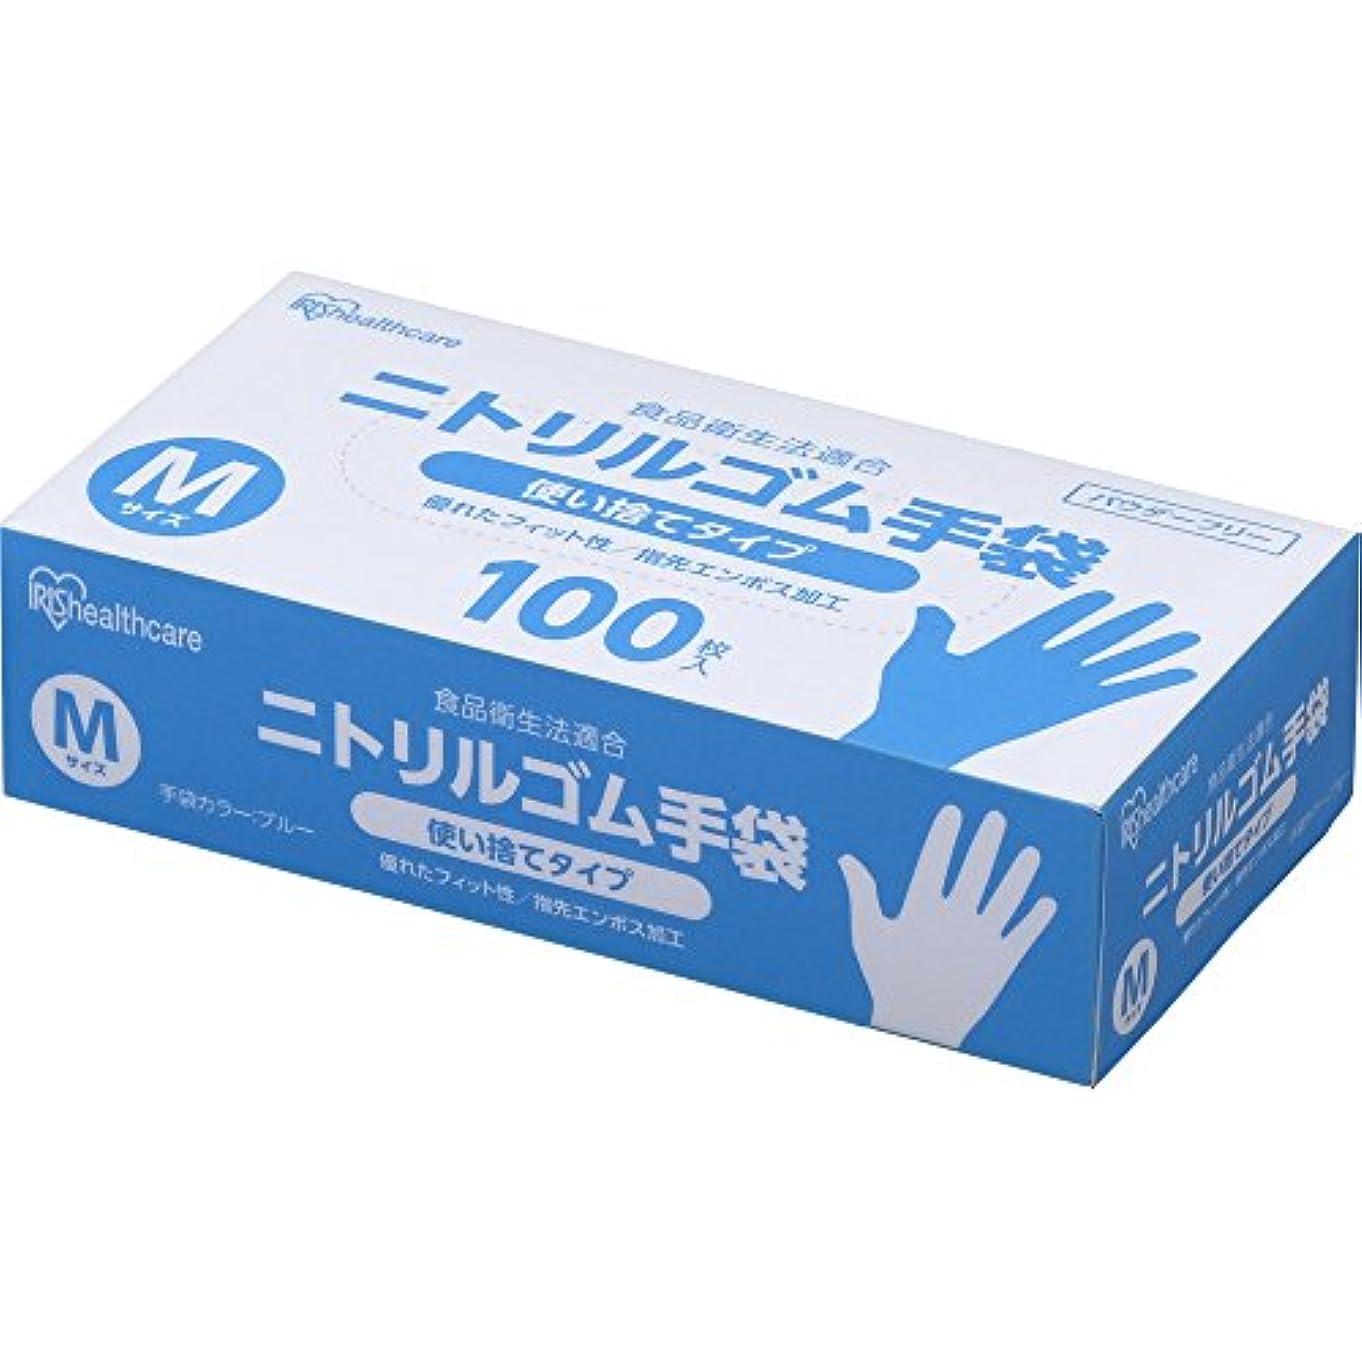 近似優れましたネズミアイリスオーヤマ 使い捨て手袋 ブルー ニトリルゴム 100枚 Mサイズ 業務用